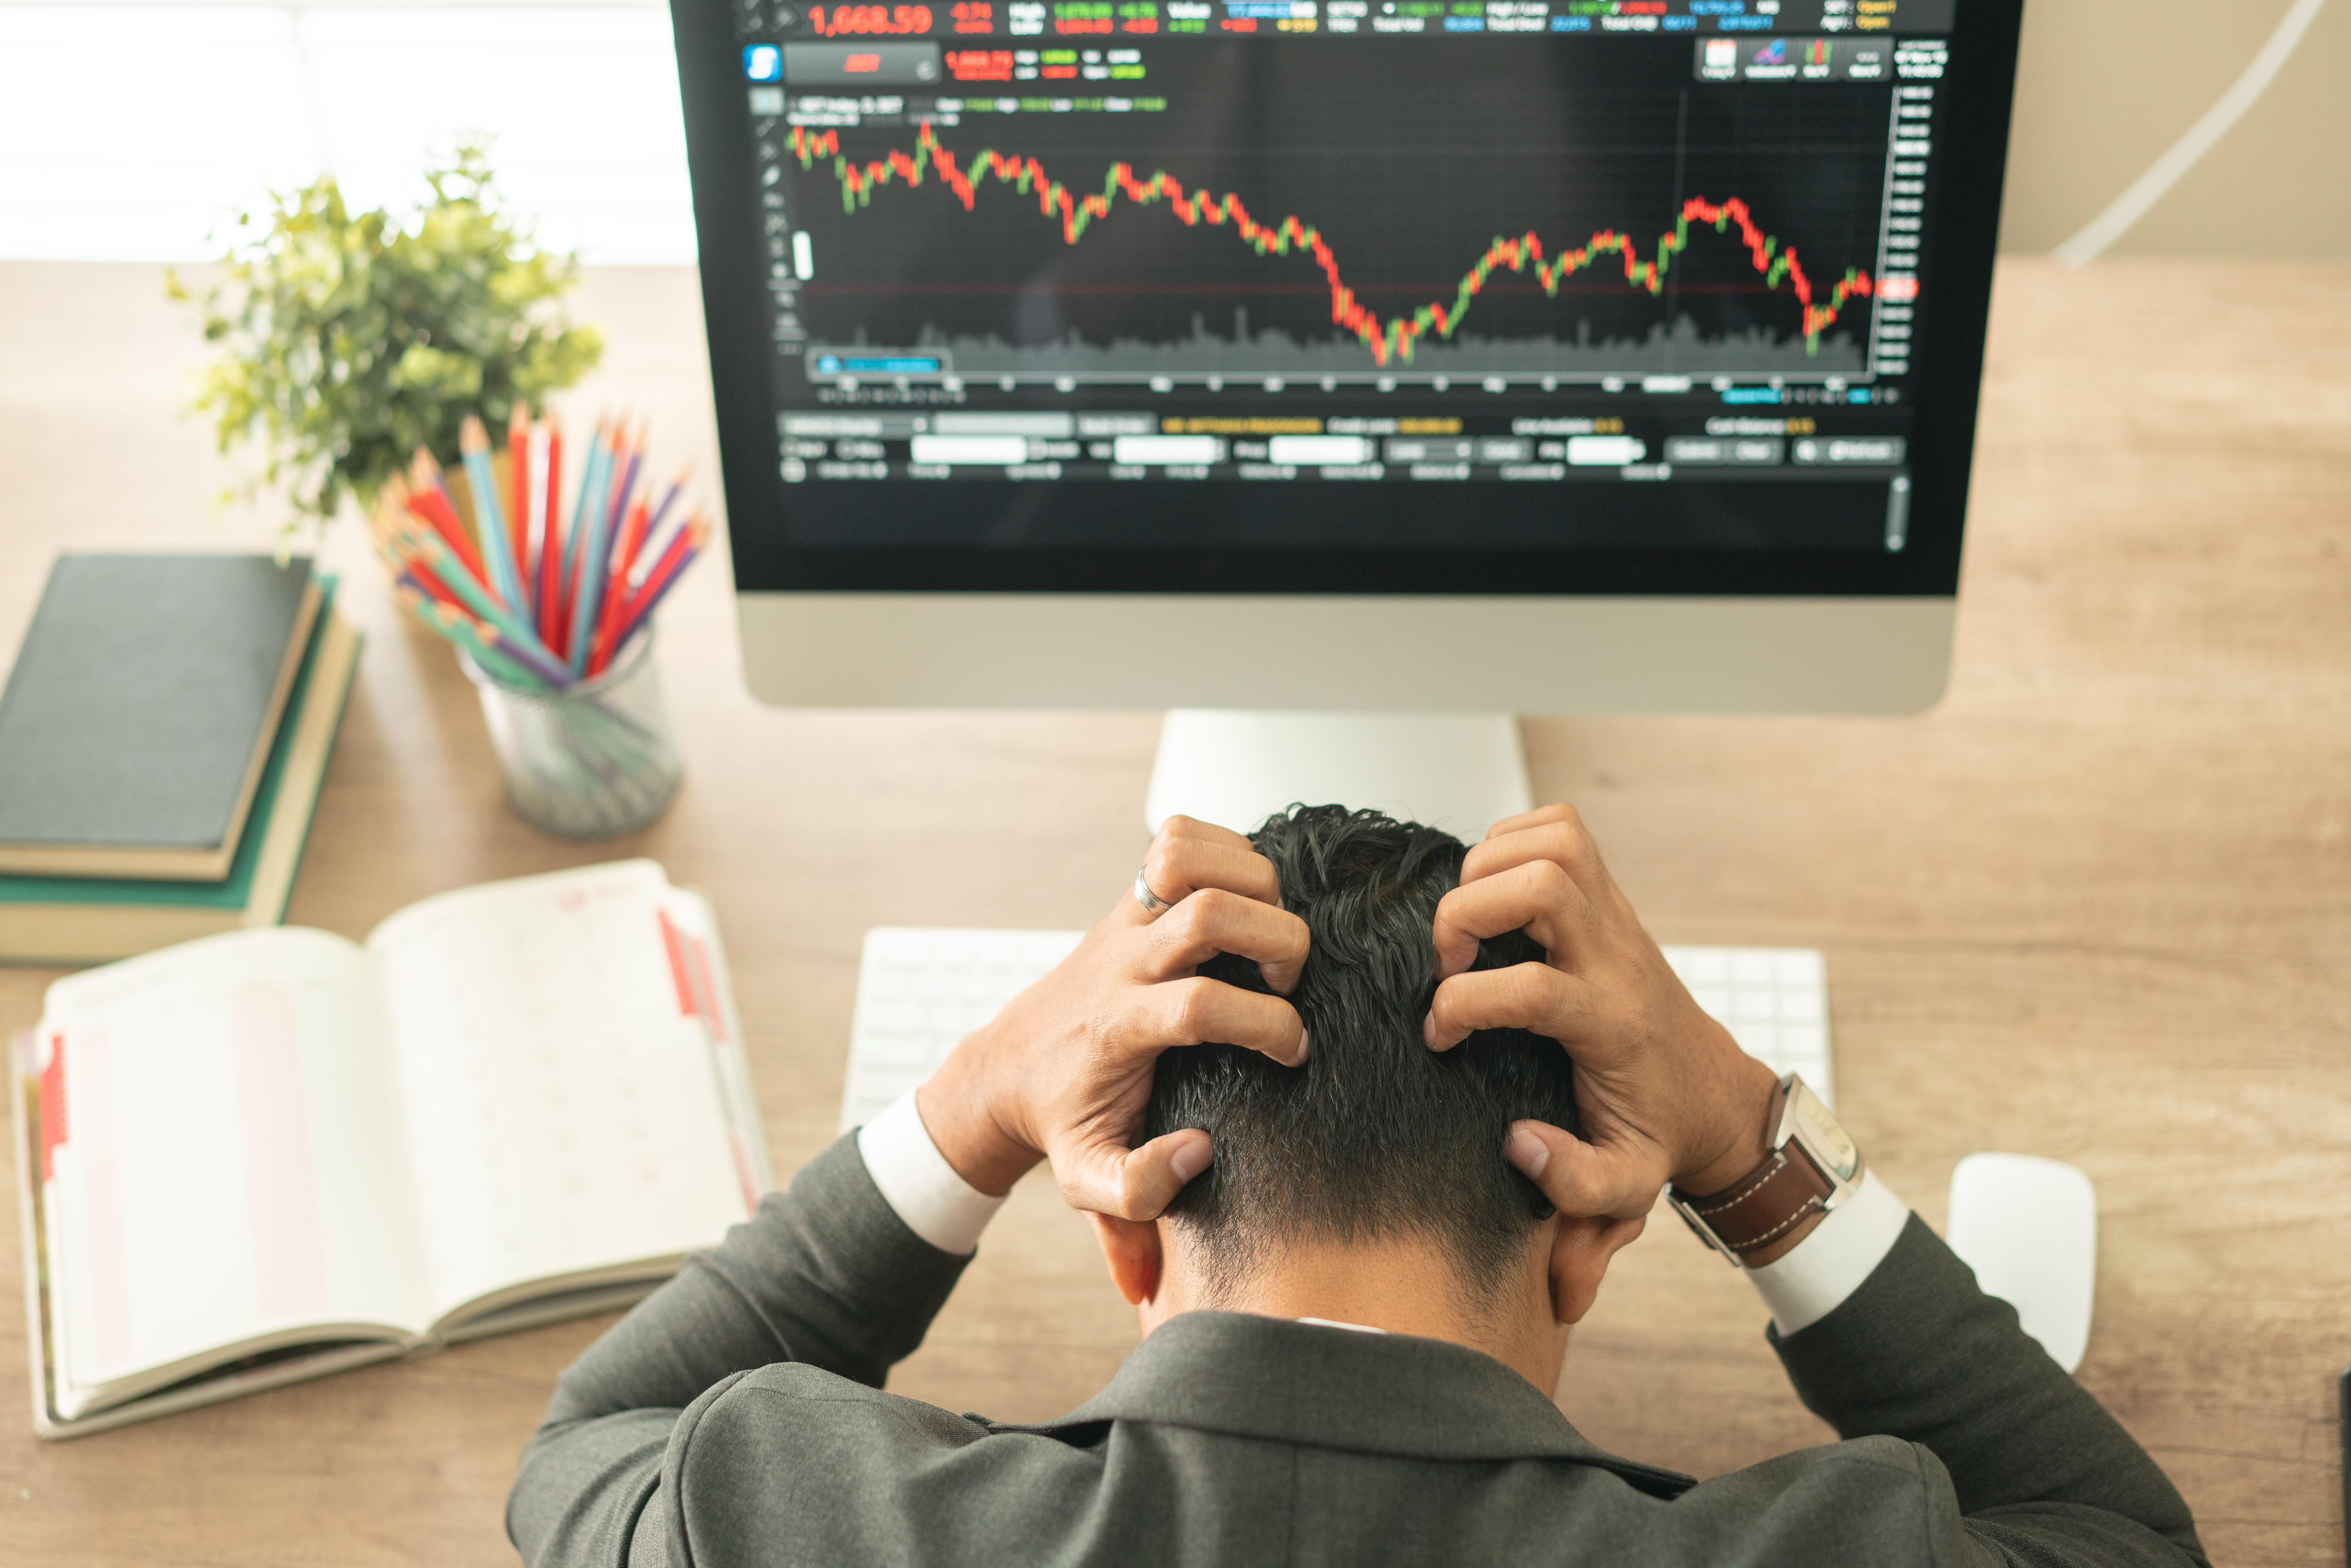 How to trade crashing stocks like a pro as coronavirus roils markets